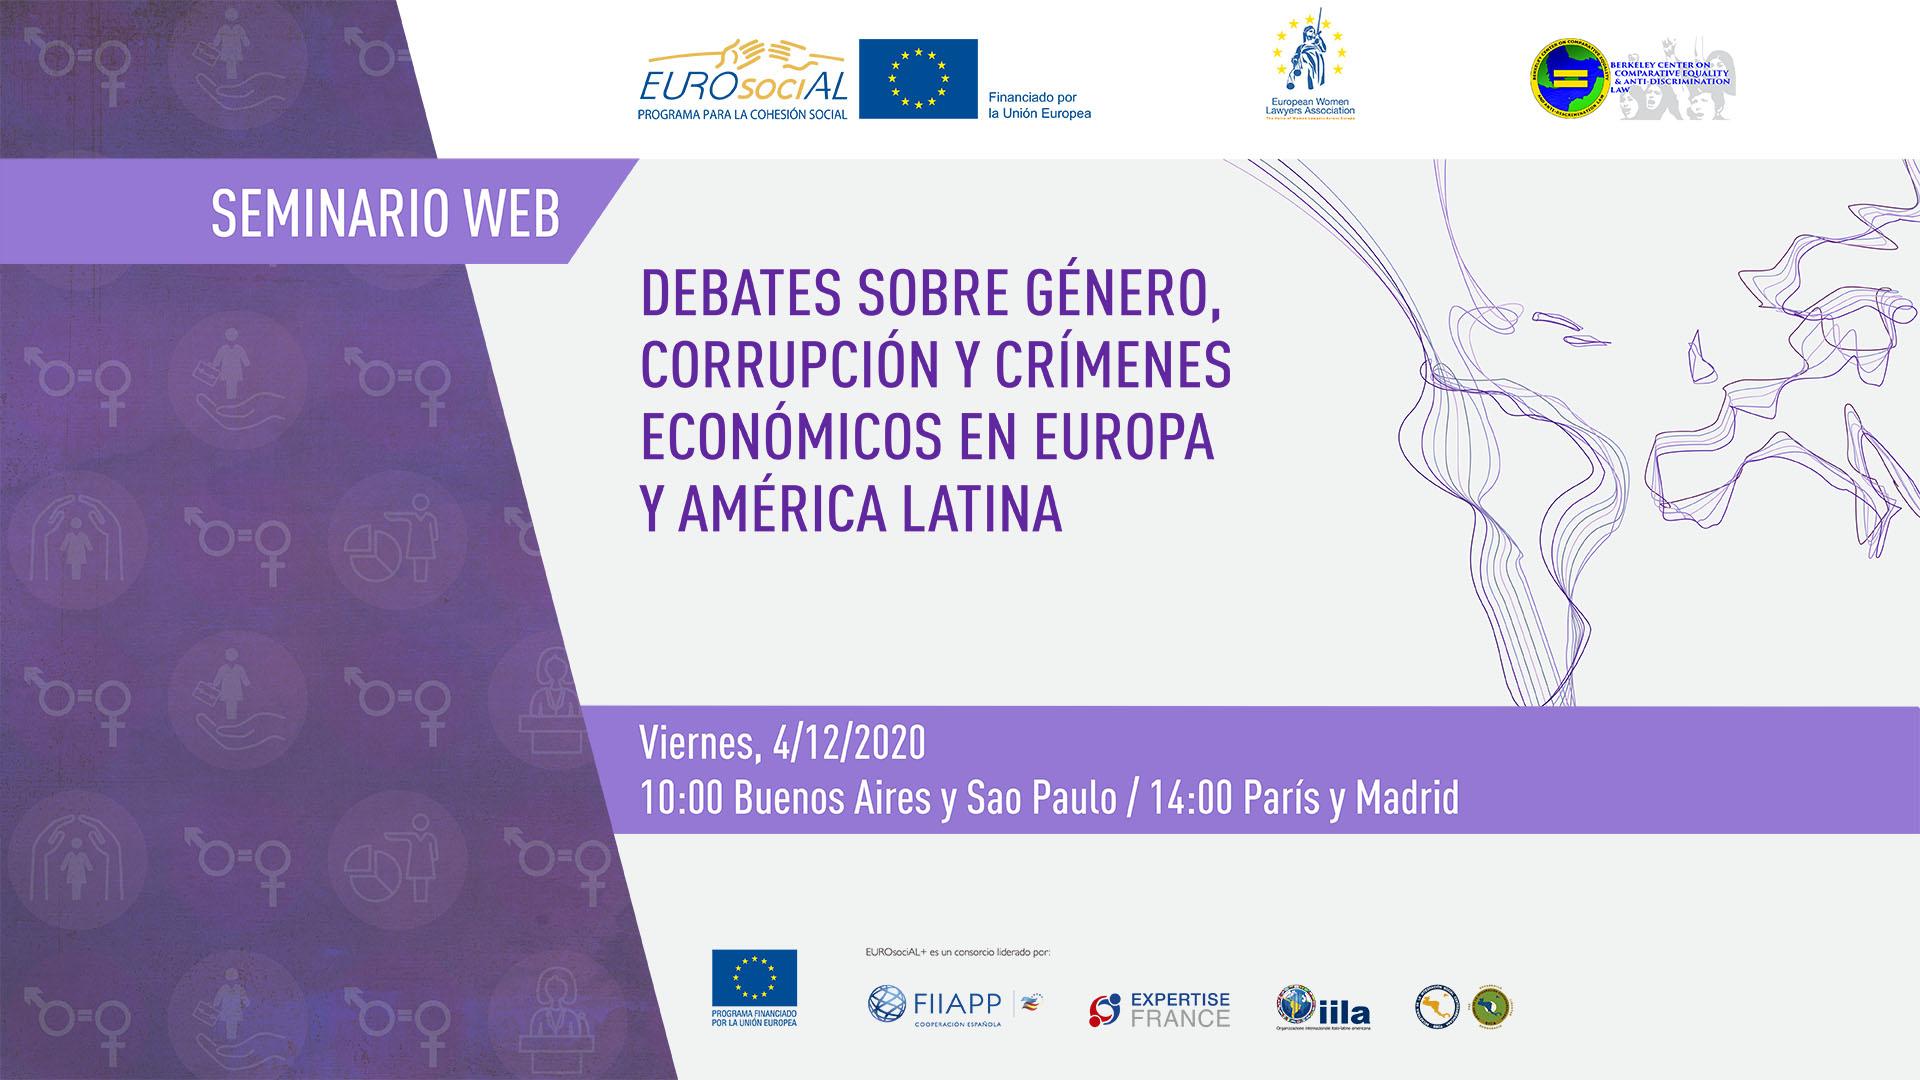 Debates sobre género, corrupción y crímenes económicos en Europa y América Latina